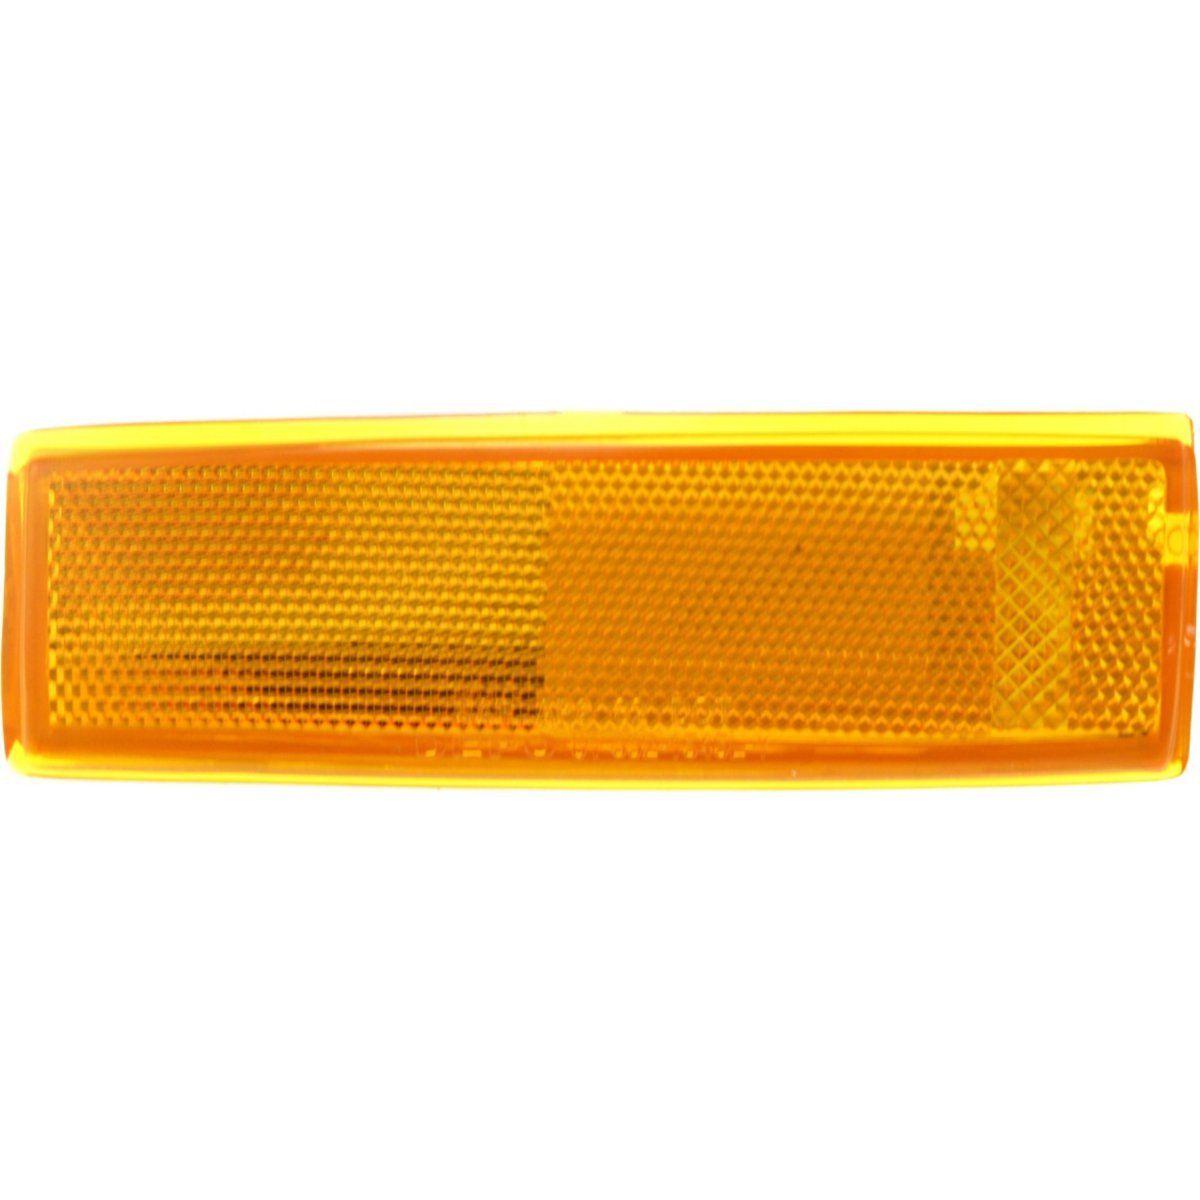 コーナーライト Corner Light For 82-93 Chevrolet S10 83-94 S10 Blazer Driver Side コーナーライト82-93シボレーS10 83-94 S10ブレイザードライバーサイド